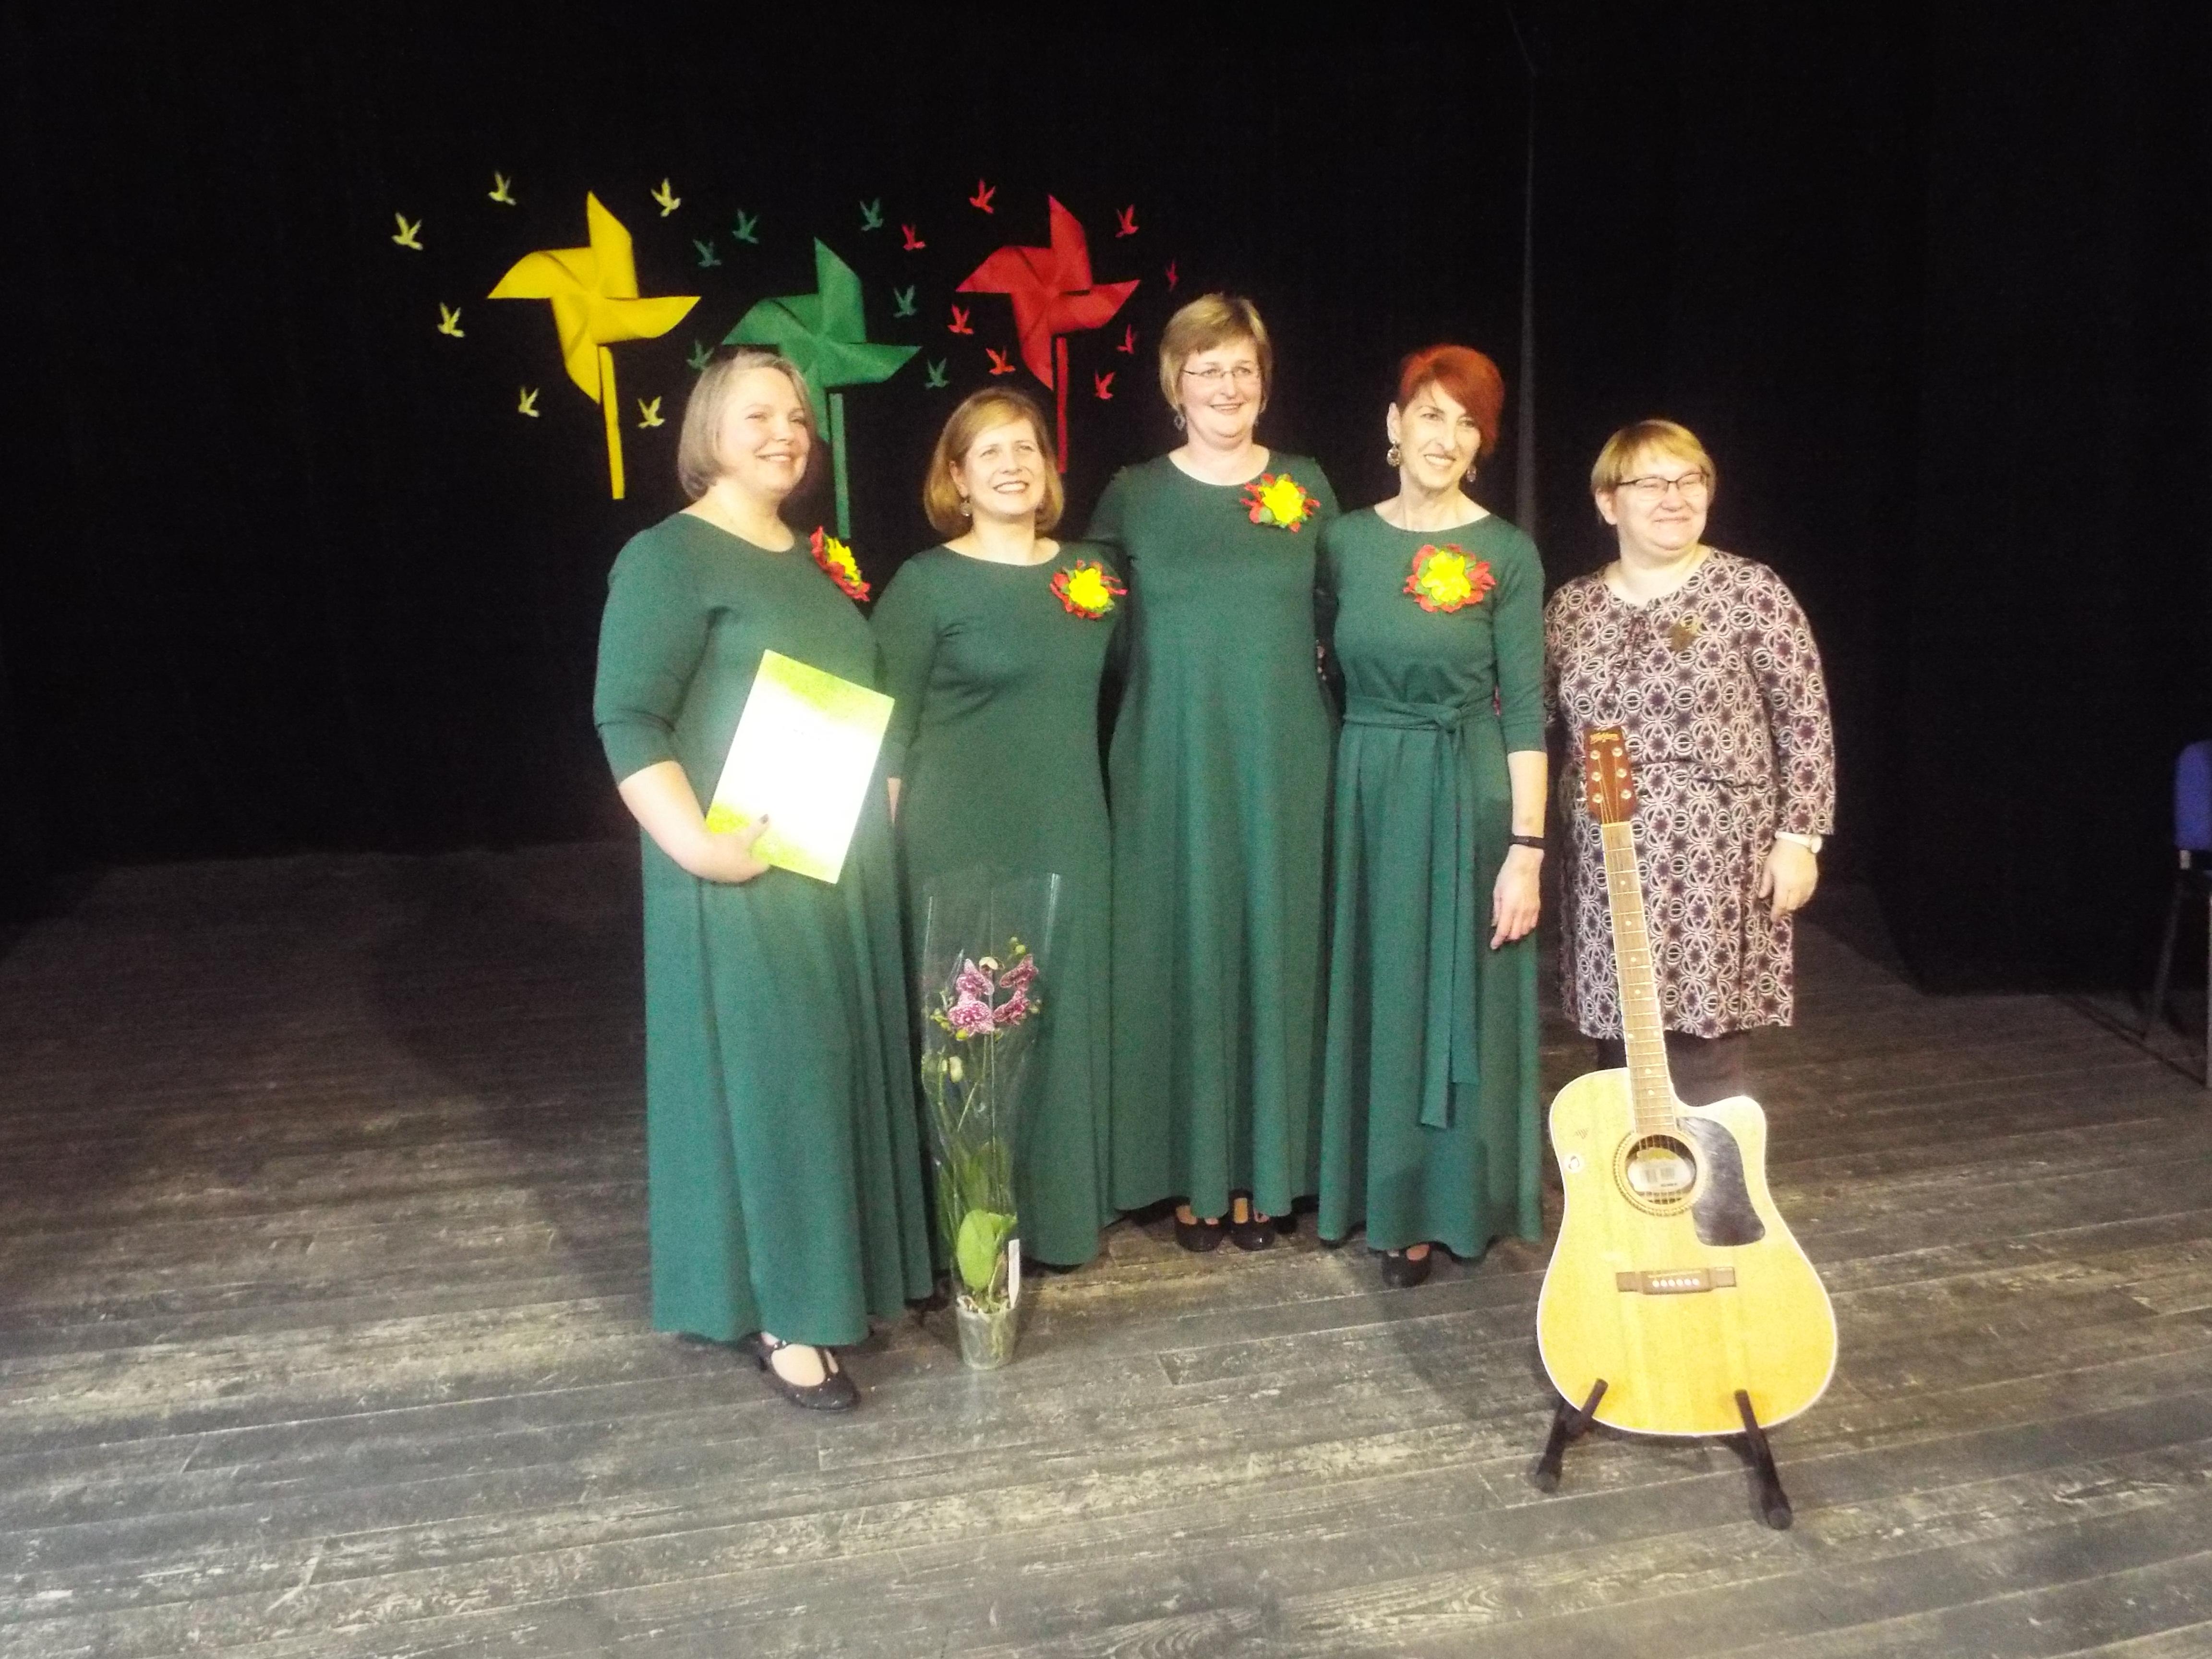 Linkuvos kultūros centre buvo minima Lietuvos valstybės atkūrimo diena